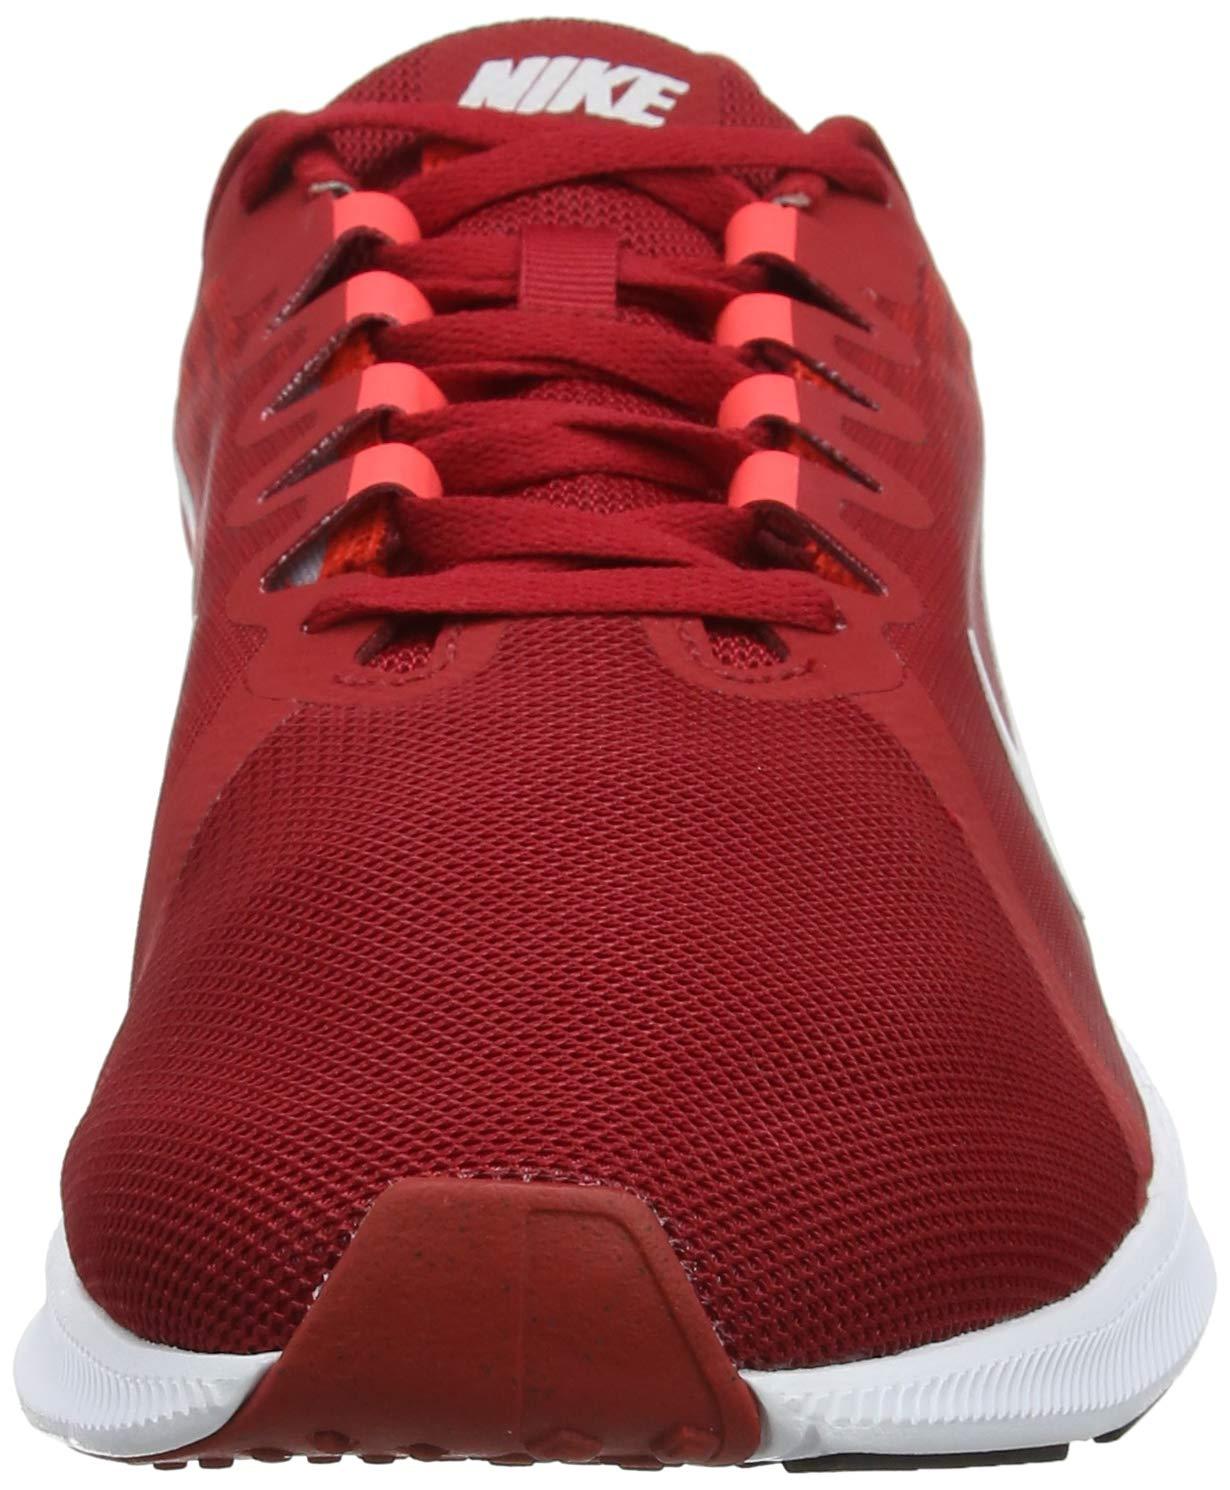 homme / & femme de nike hommes & / eacute; est downshifter 8 des chaussures de course différents styles à la mode de moyens de maintenance 8aca34